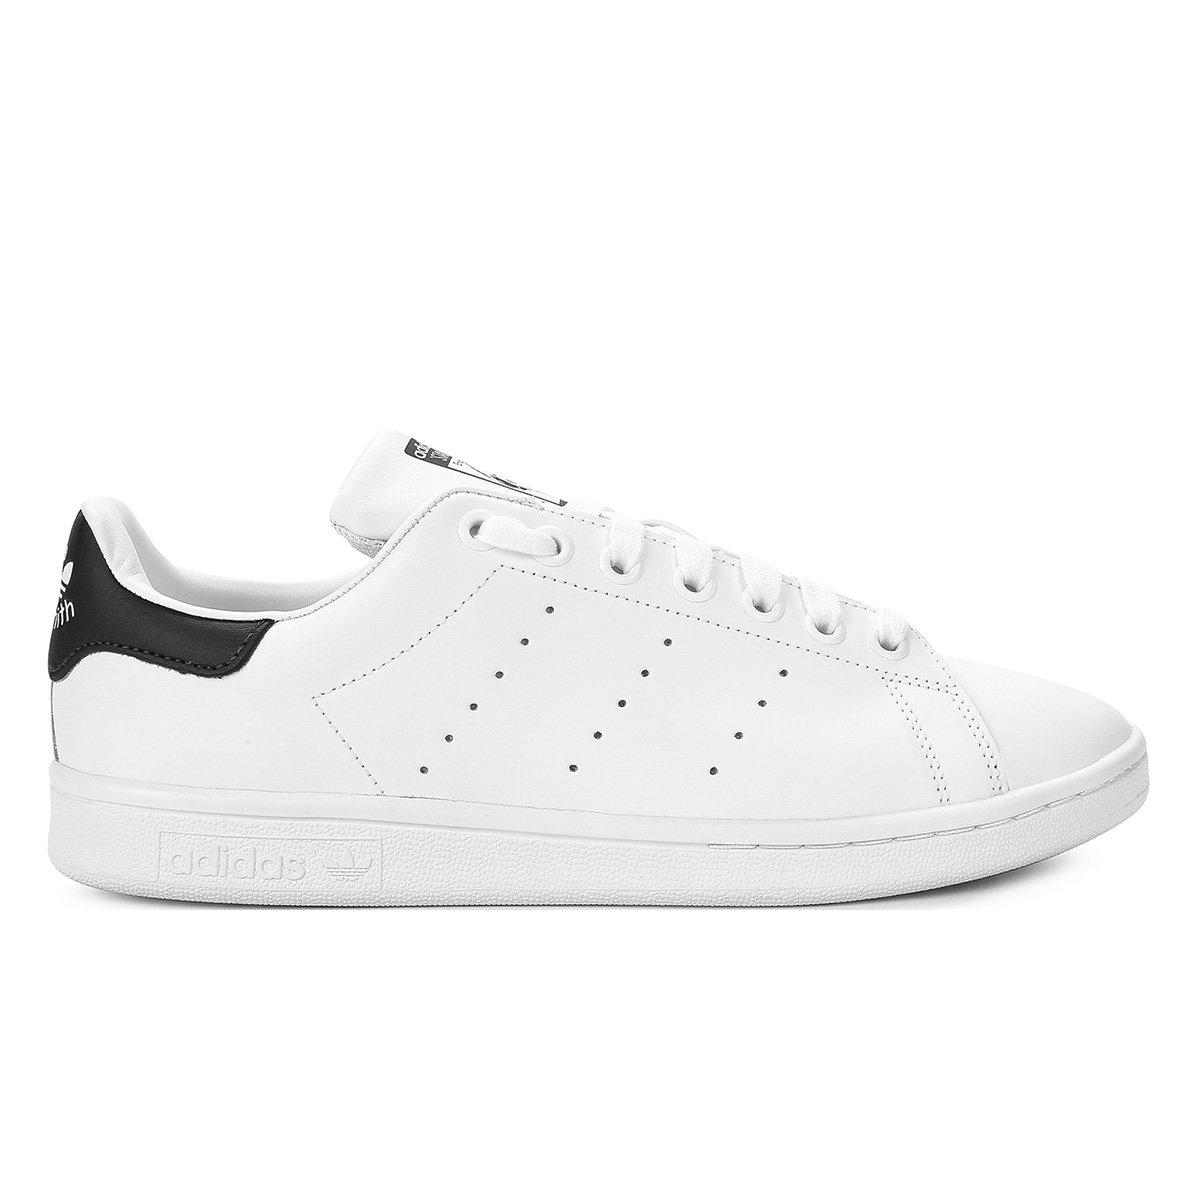 d38a470091a Tênis Adidas Stan Smith - Branco e Marinho - Compre Agora